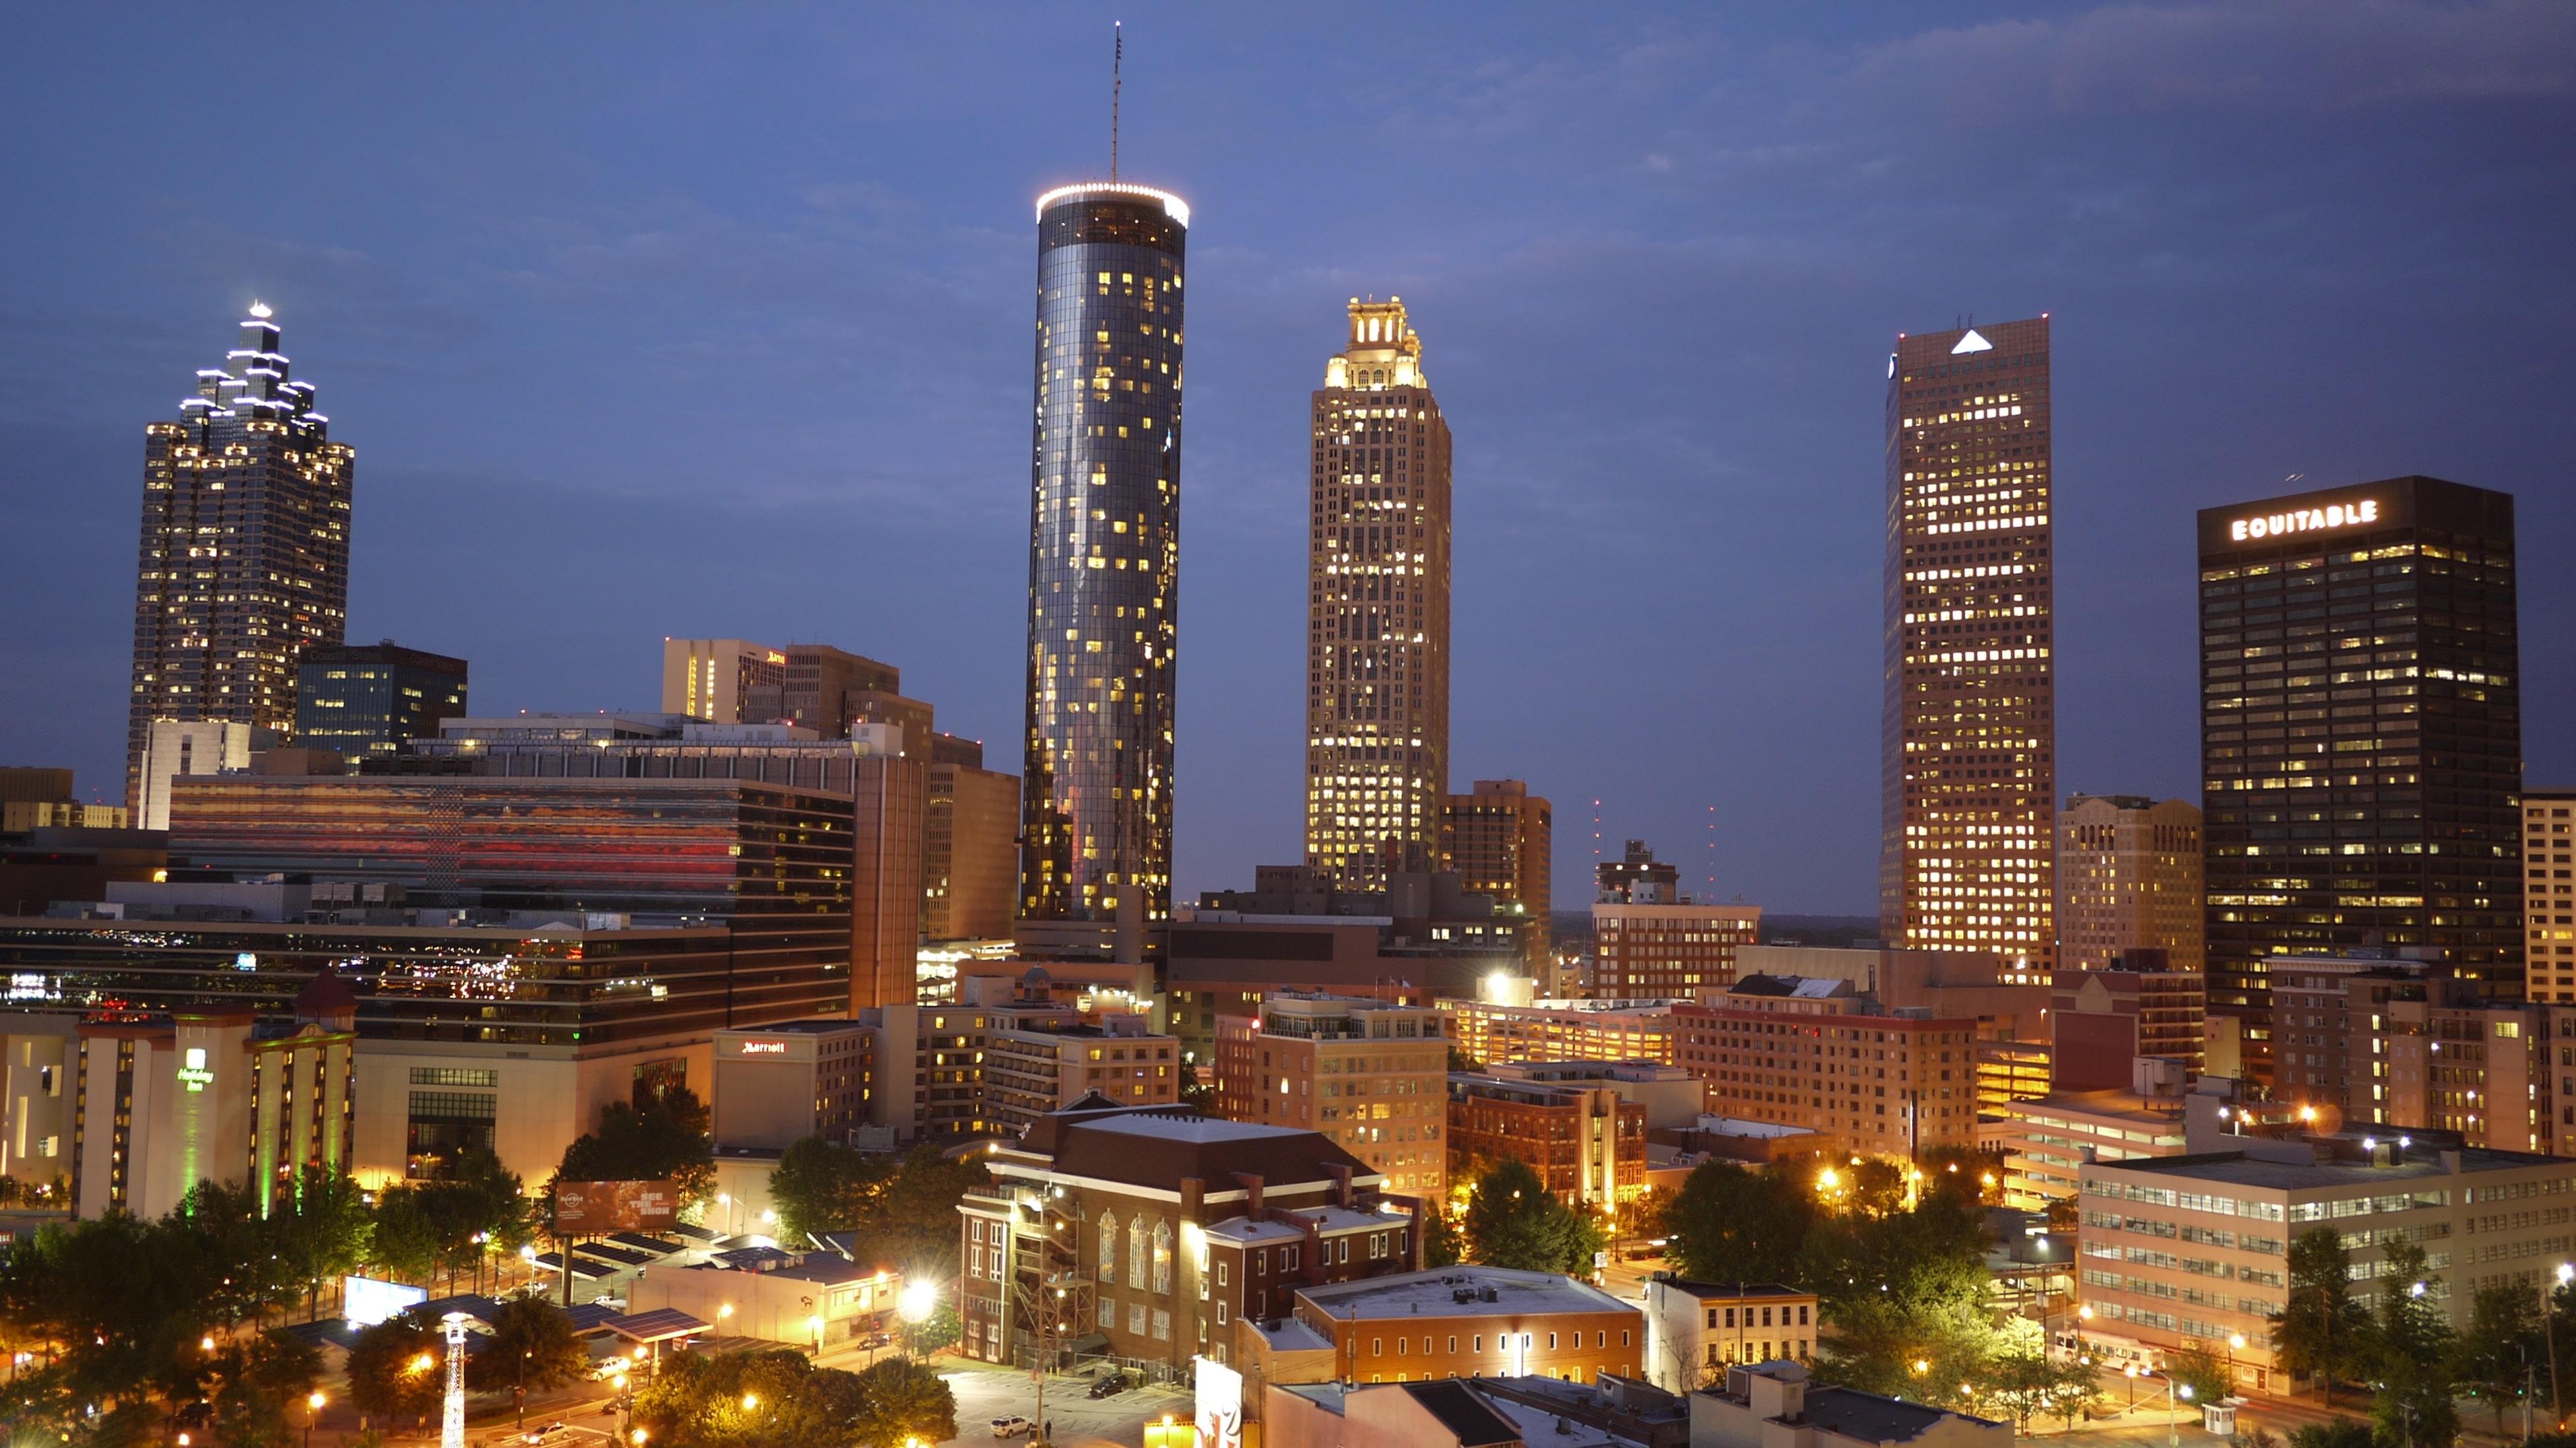 Atlanta este un oraș modern care totuși reușește să mai păstreze puțin din farmecul vechiului Sud